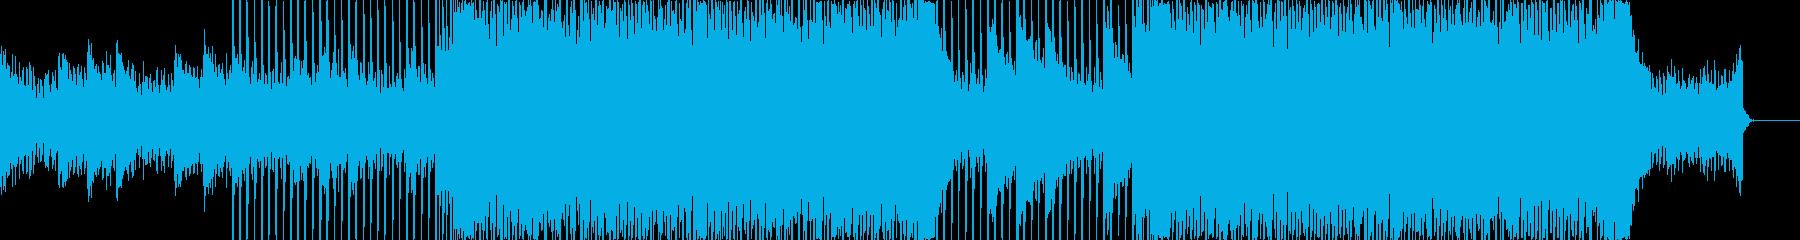 企業VP向け、爽やかポップ4つ打ち9-1の再生済みの波形